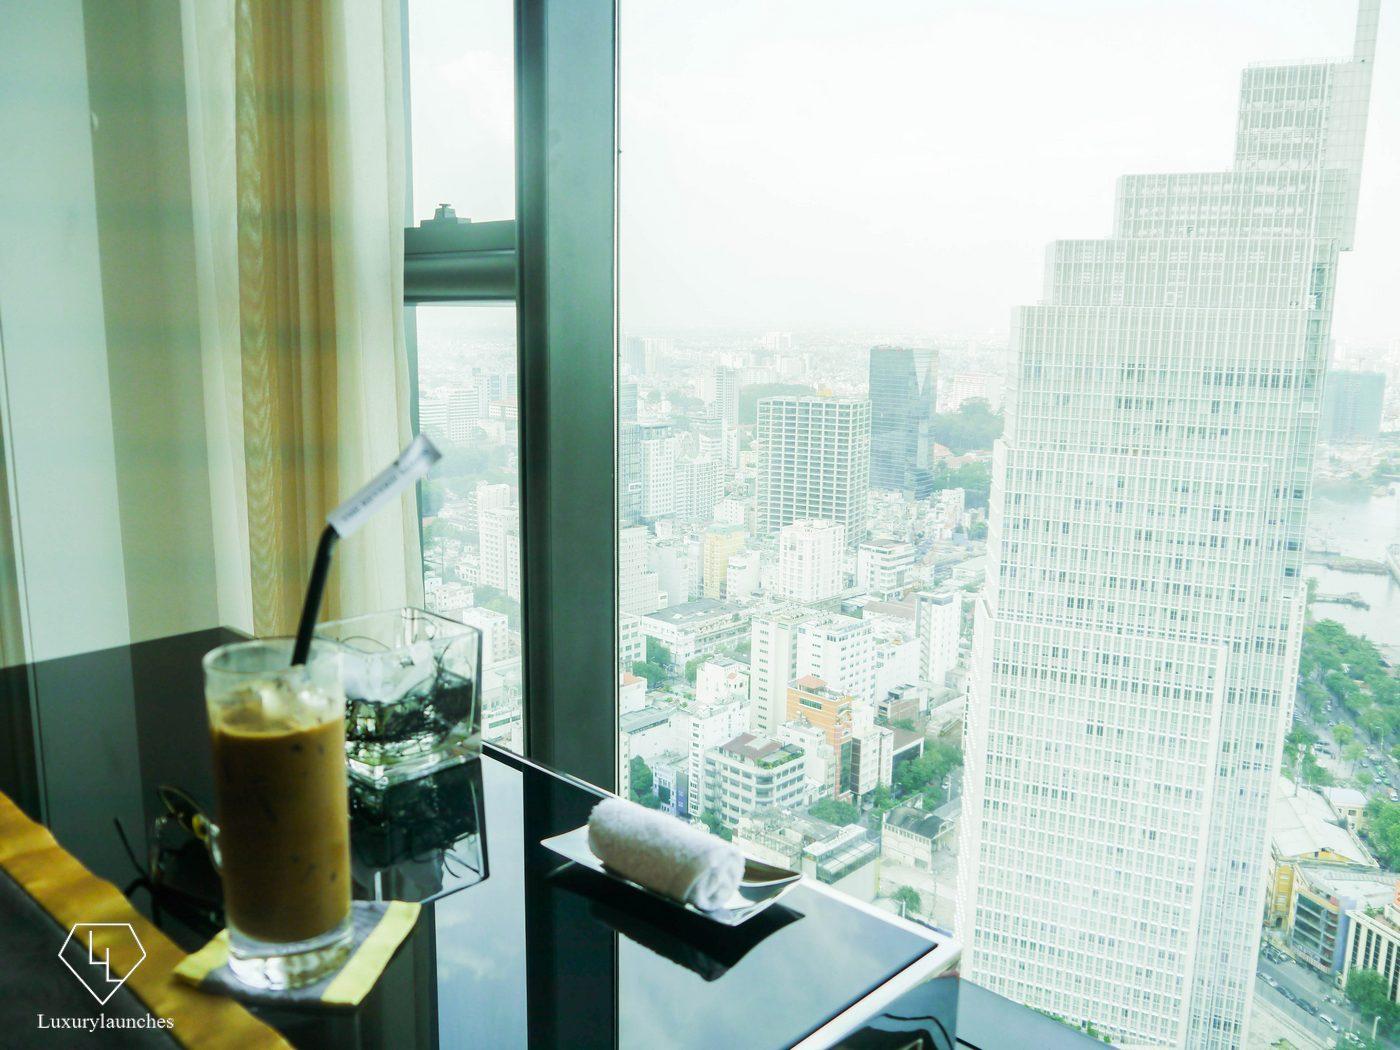 Hotel Review - The Reverie Saigon